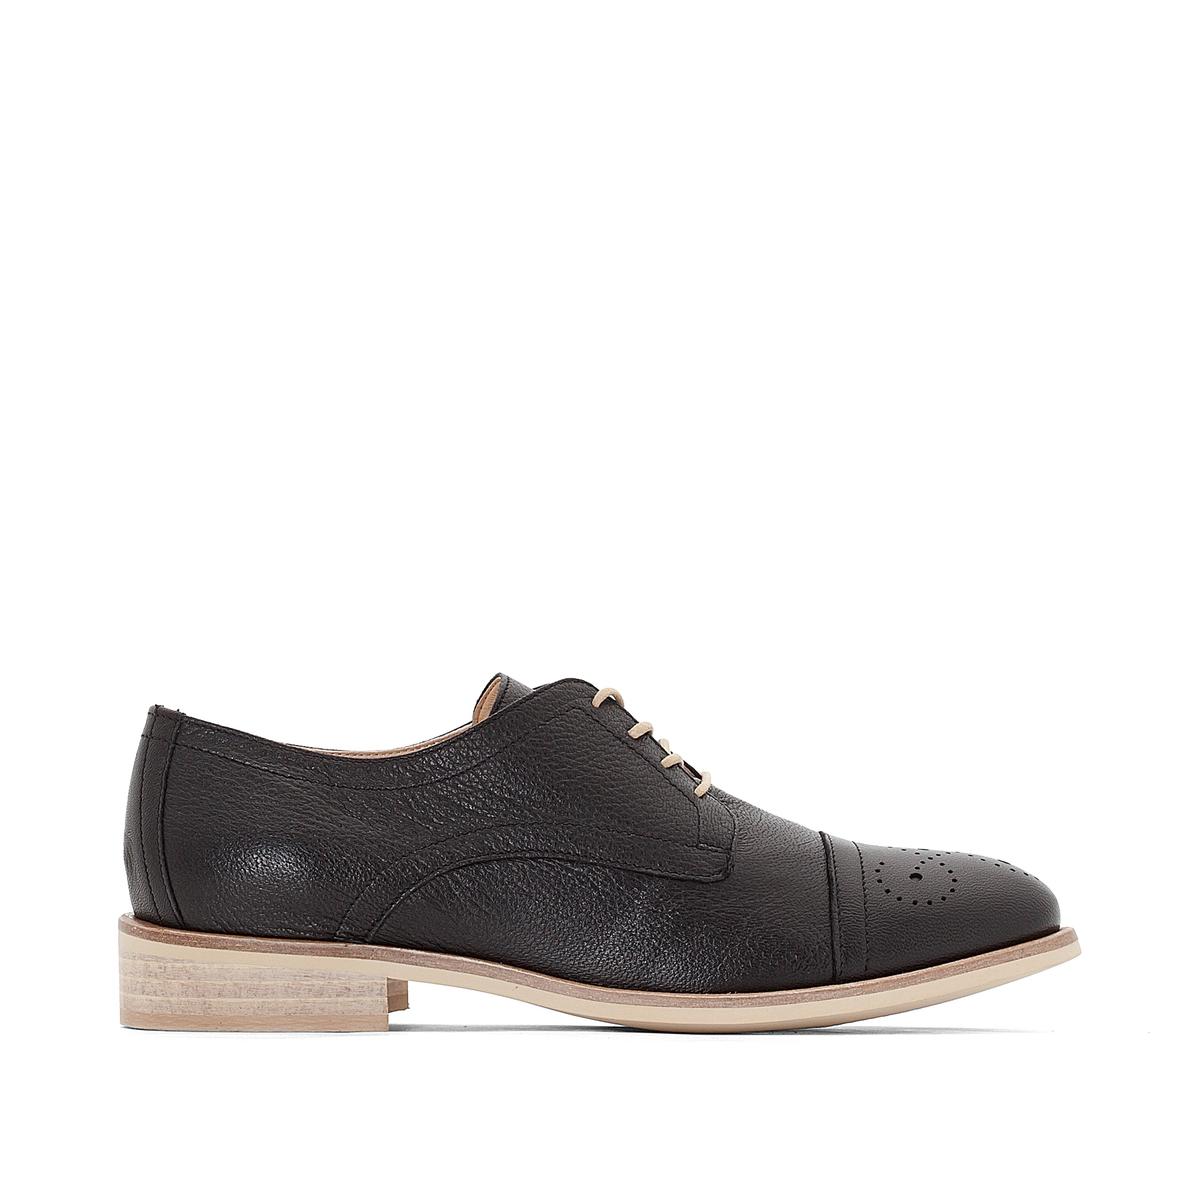 Ботинки-дерби кожаные Marette ботинки дерби кожаные с пряжками